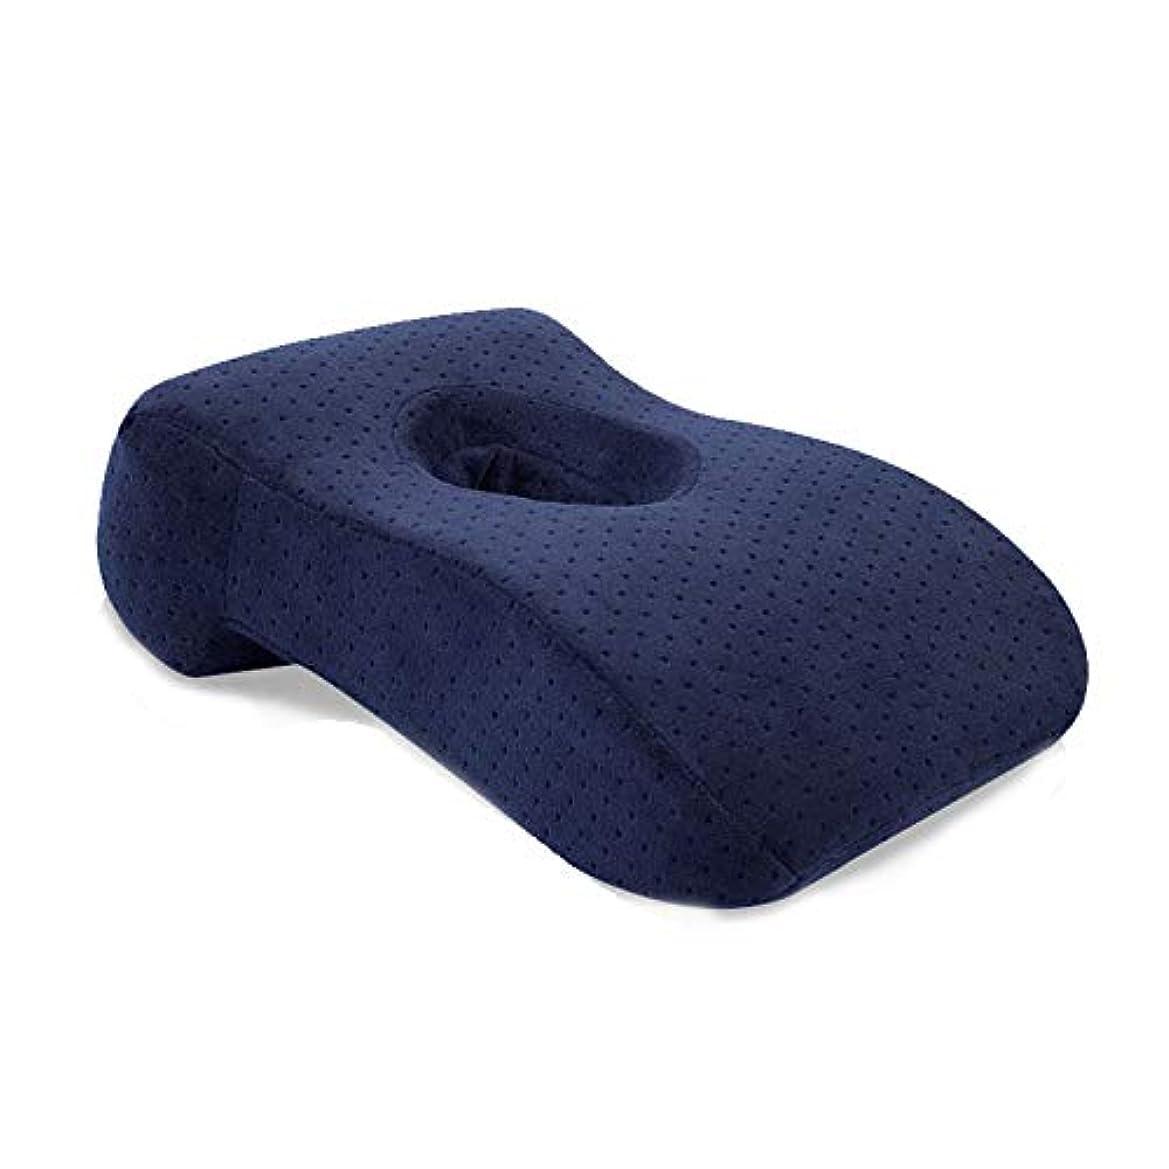 はげおばさんジュニアNOTE 多機能旅行低反発枕オフィス昼寝枕L字型遅いリバウンド低反発枕机の睡眠